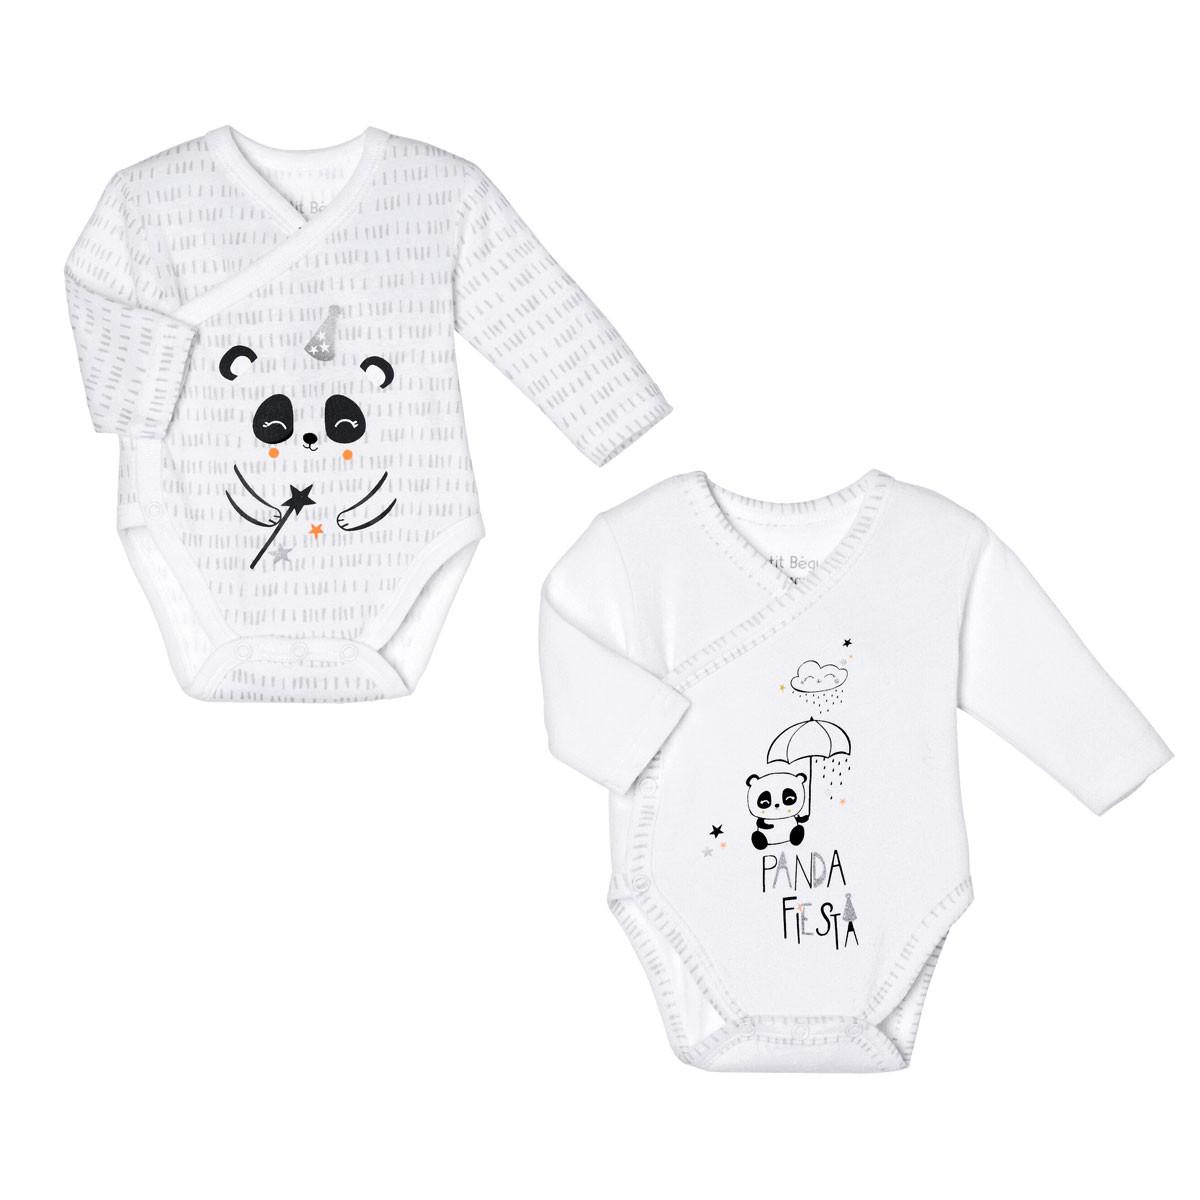 Lot de 2 bodies bébé mixte croisés manches longues Little Panda